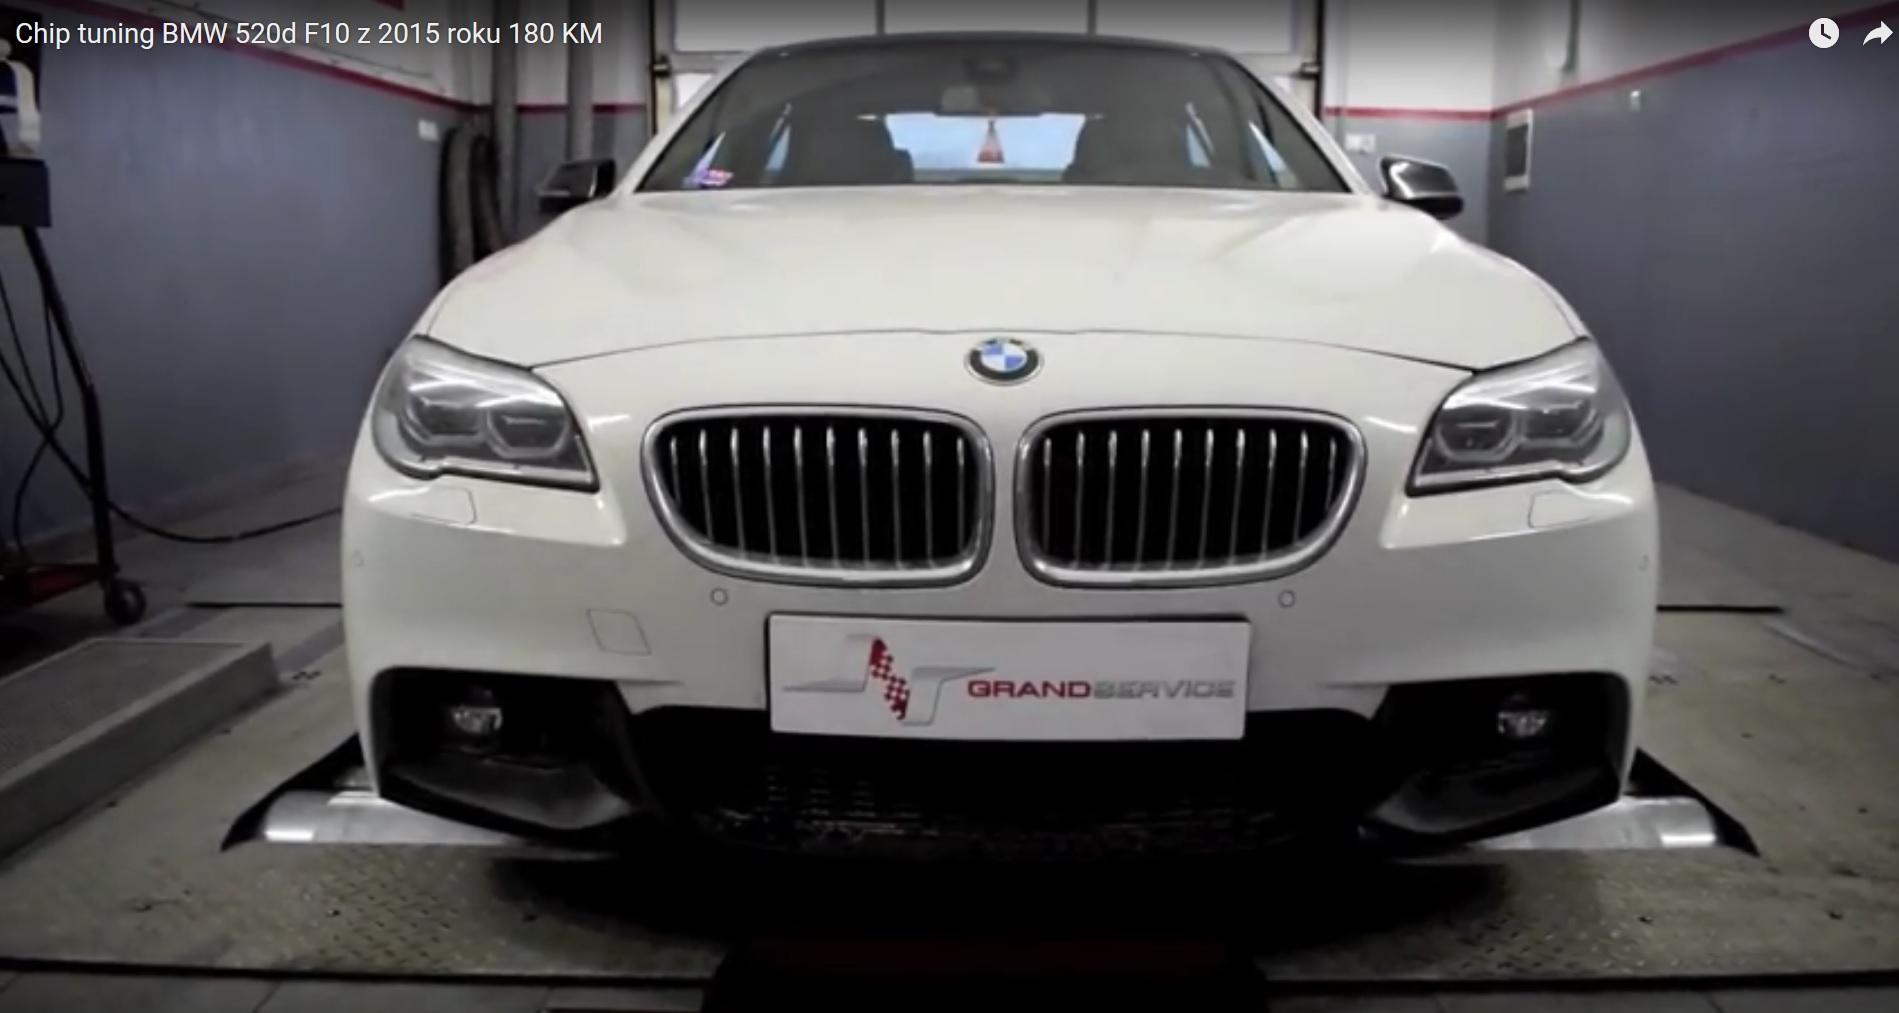 Chip tuning BMW 520d F10 z 2015 roku o mocy 180 KM